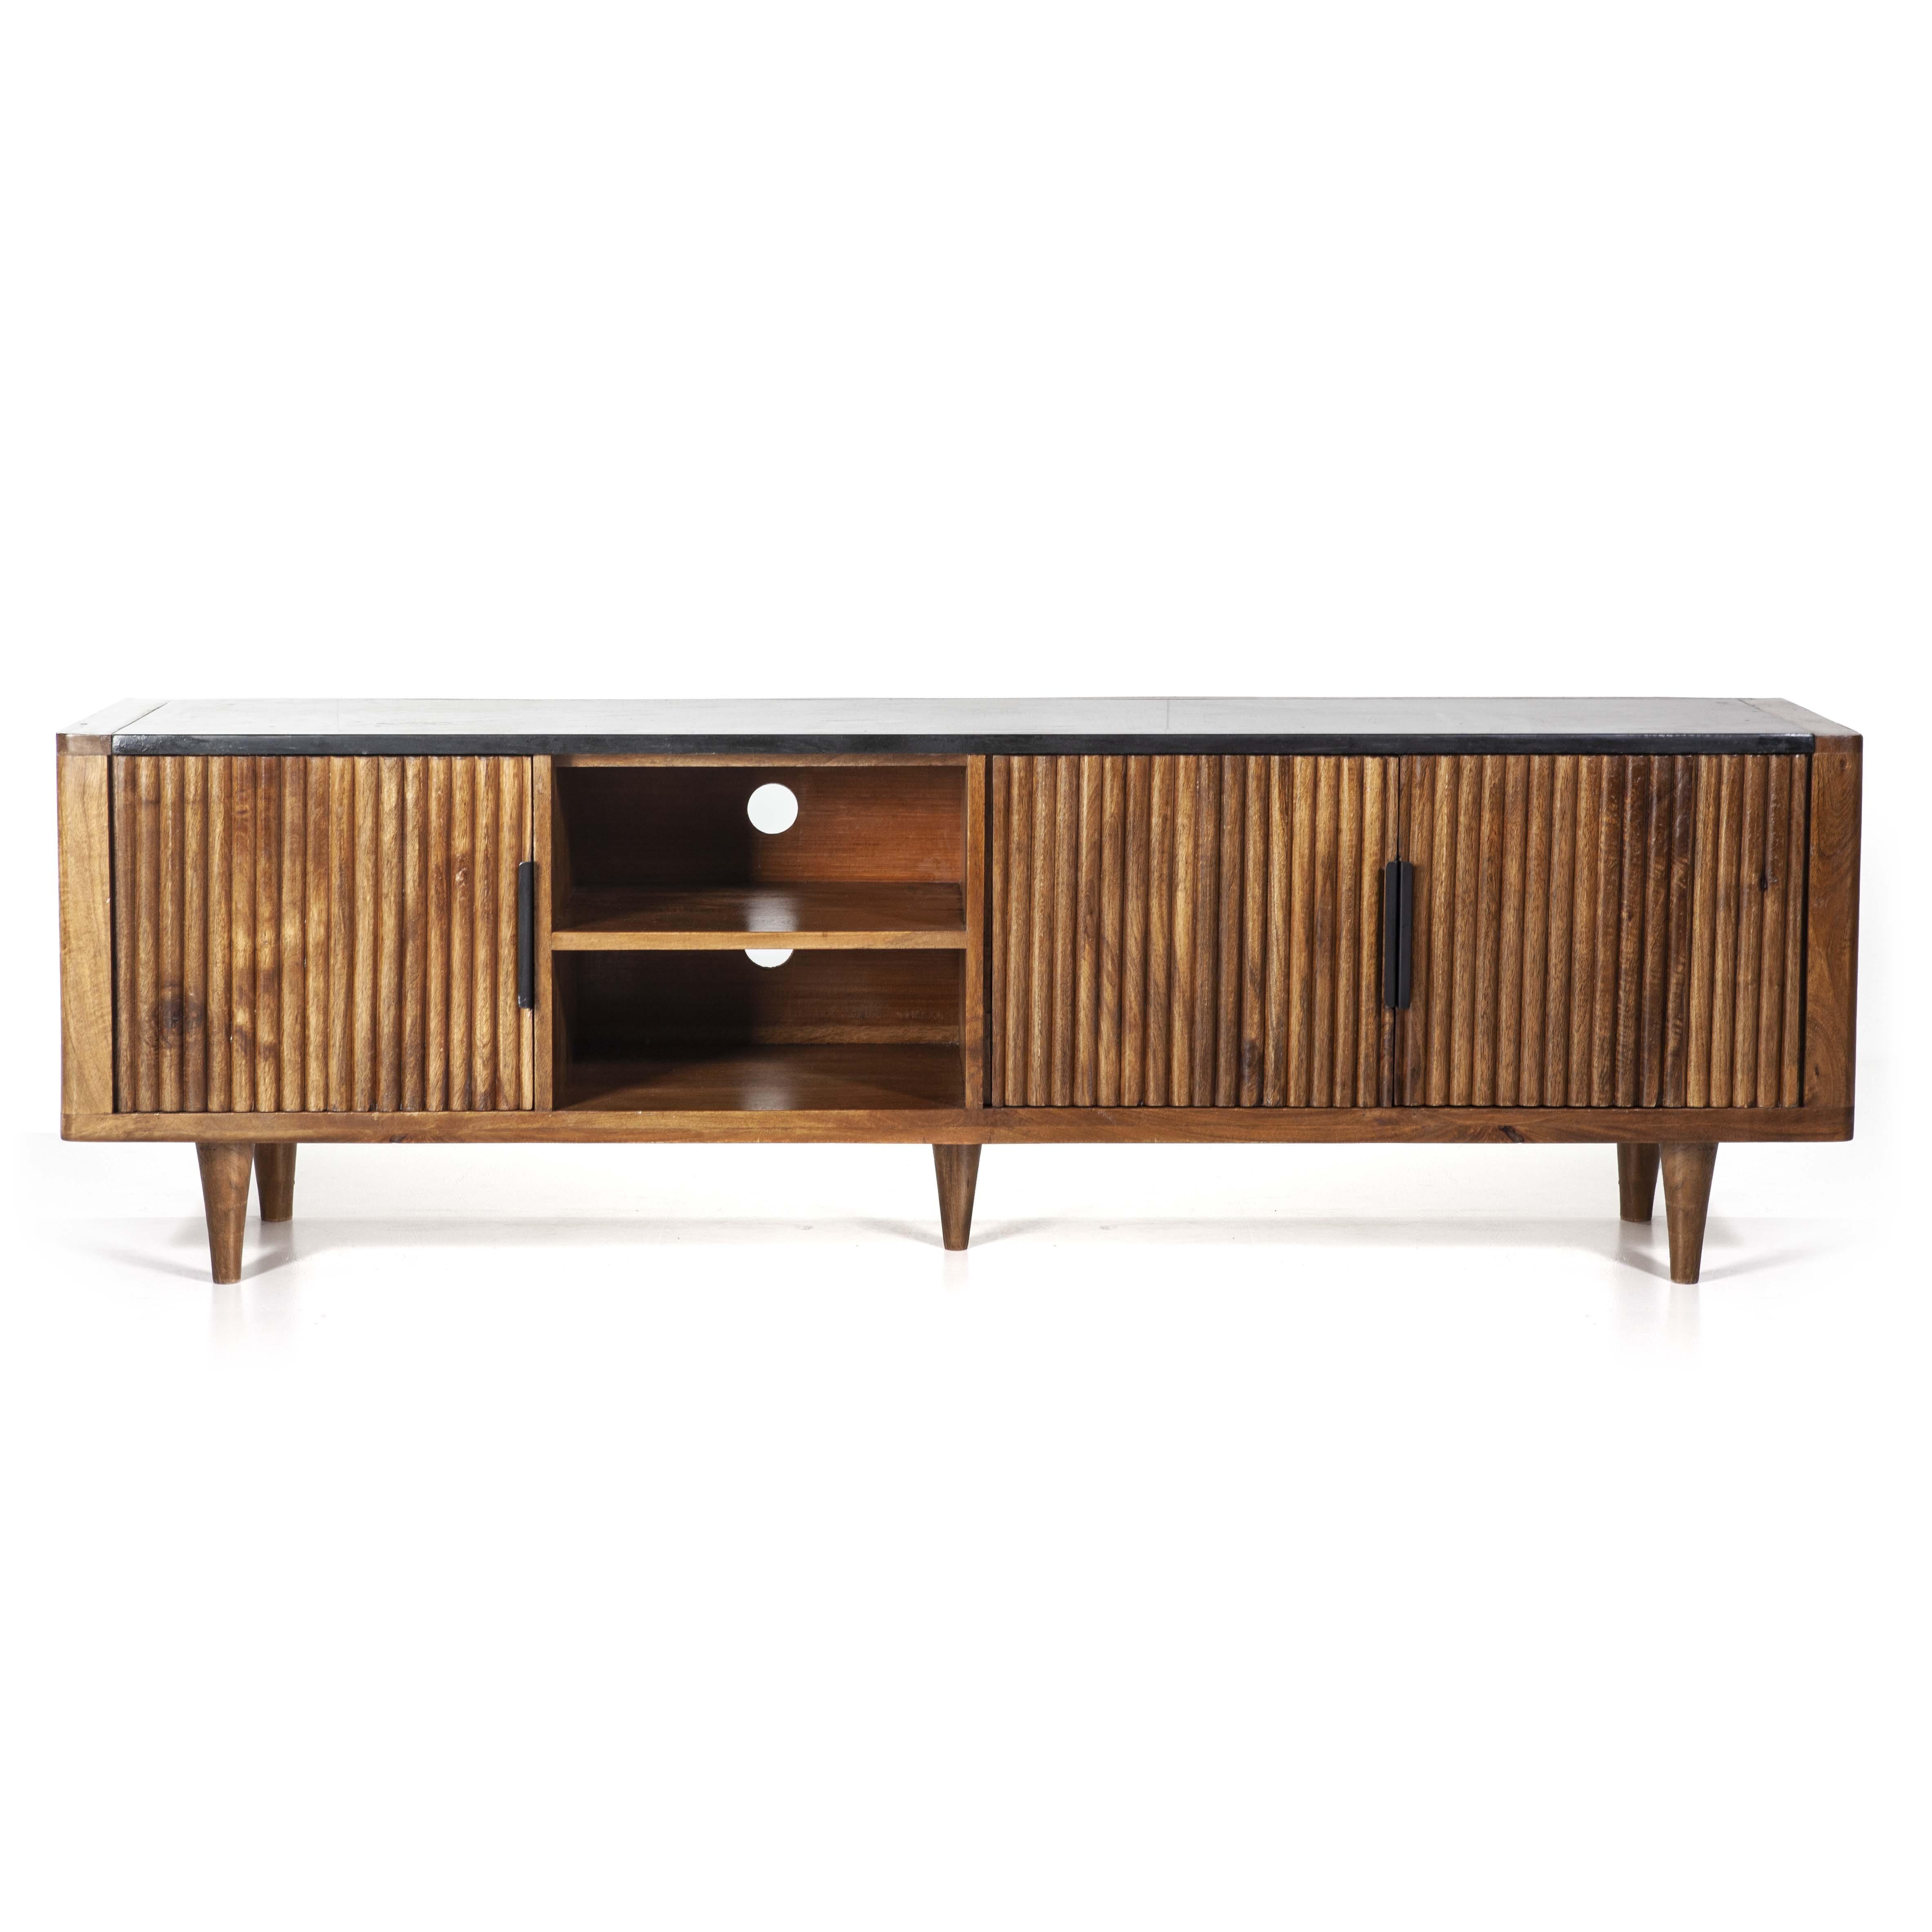 Eleonora TV-meubel 'Carter' Mangohout en marmer, 180cm met voordeel snel in huis via Meubel Partner